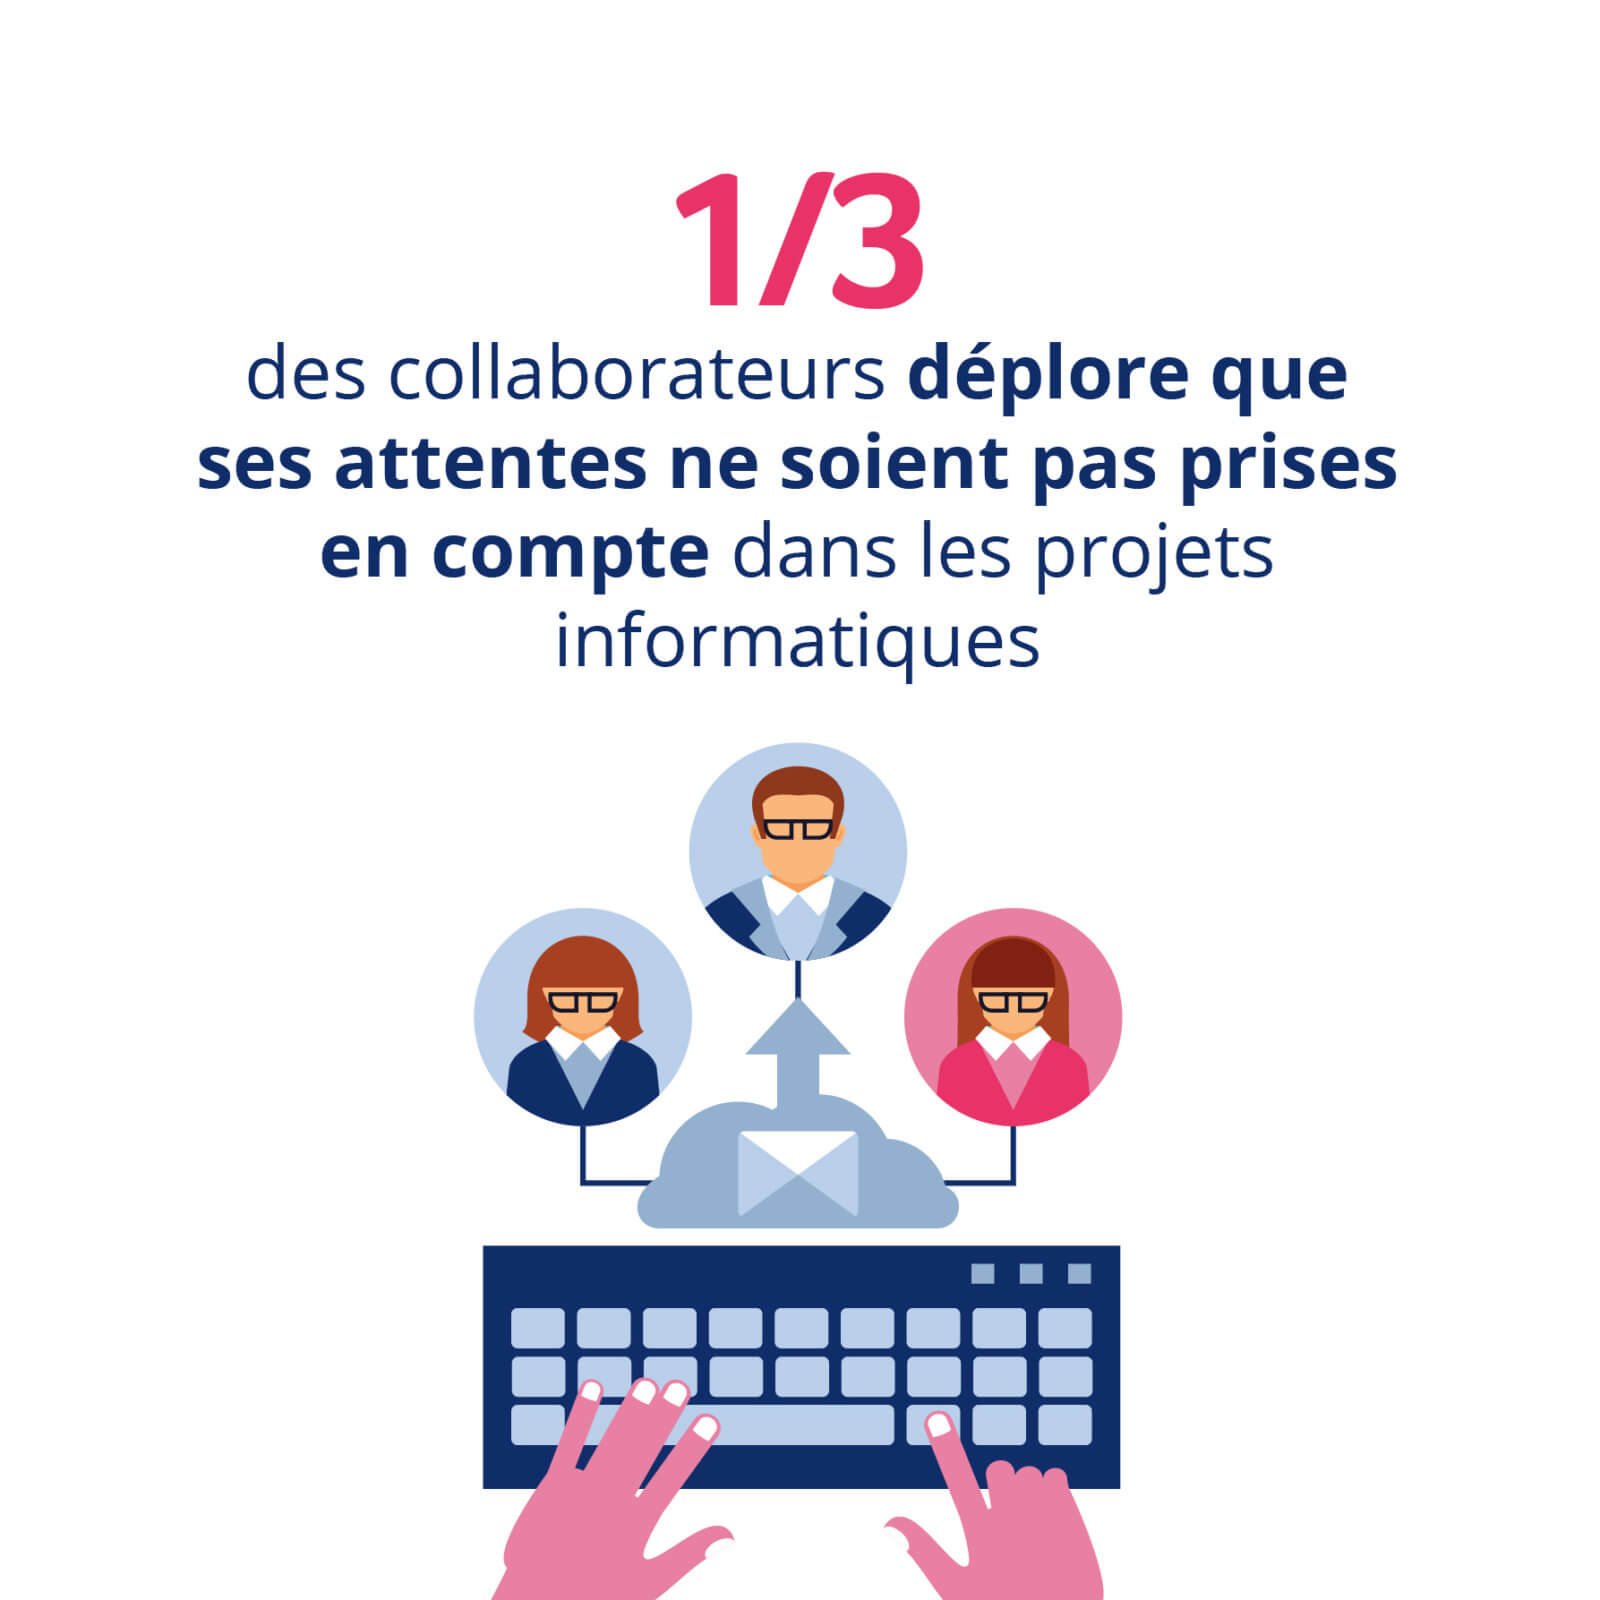 1/3 des collaborateurs déplore que ses attentes ne soient pas prises en compte dans les projets informatiques